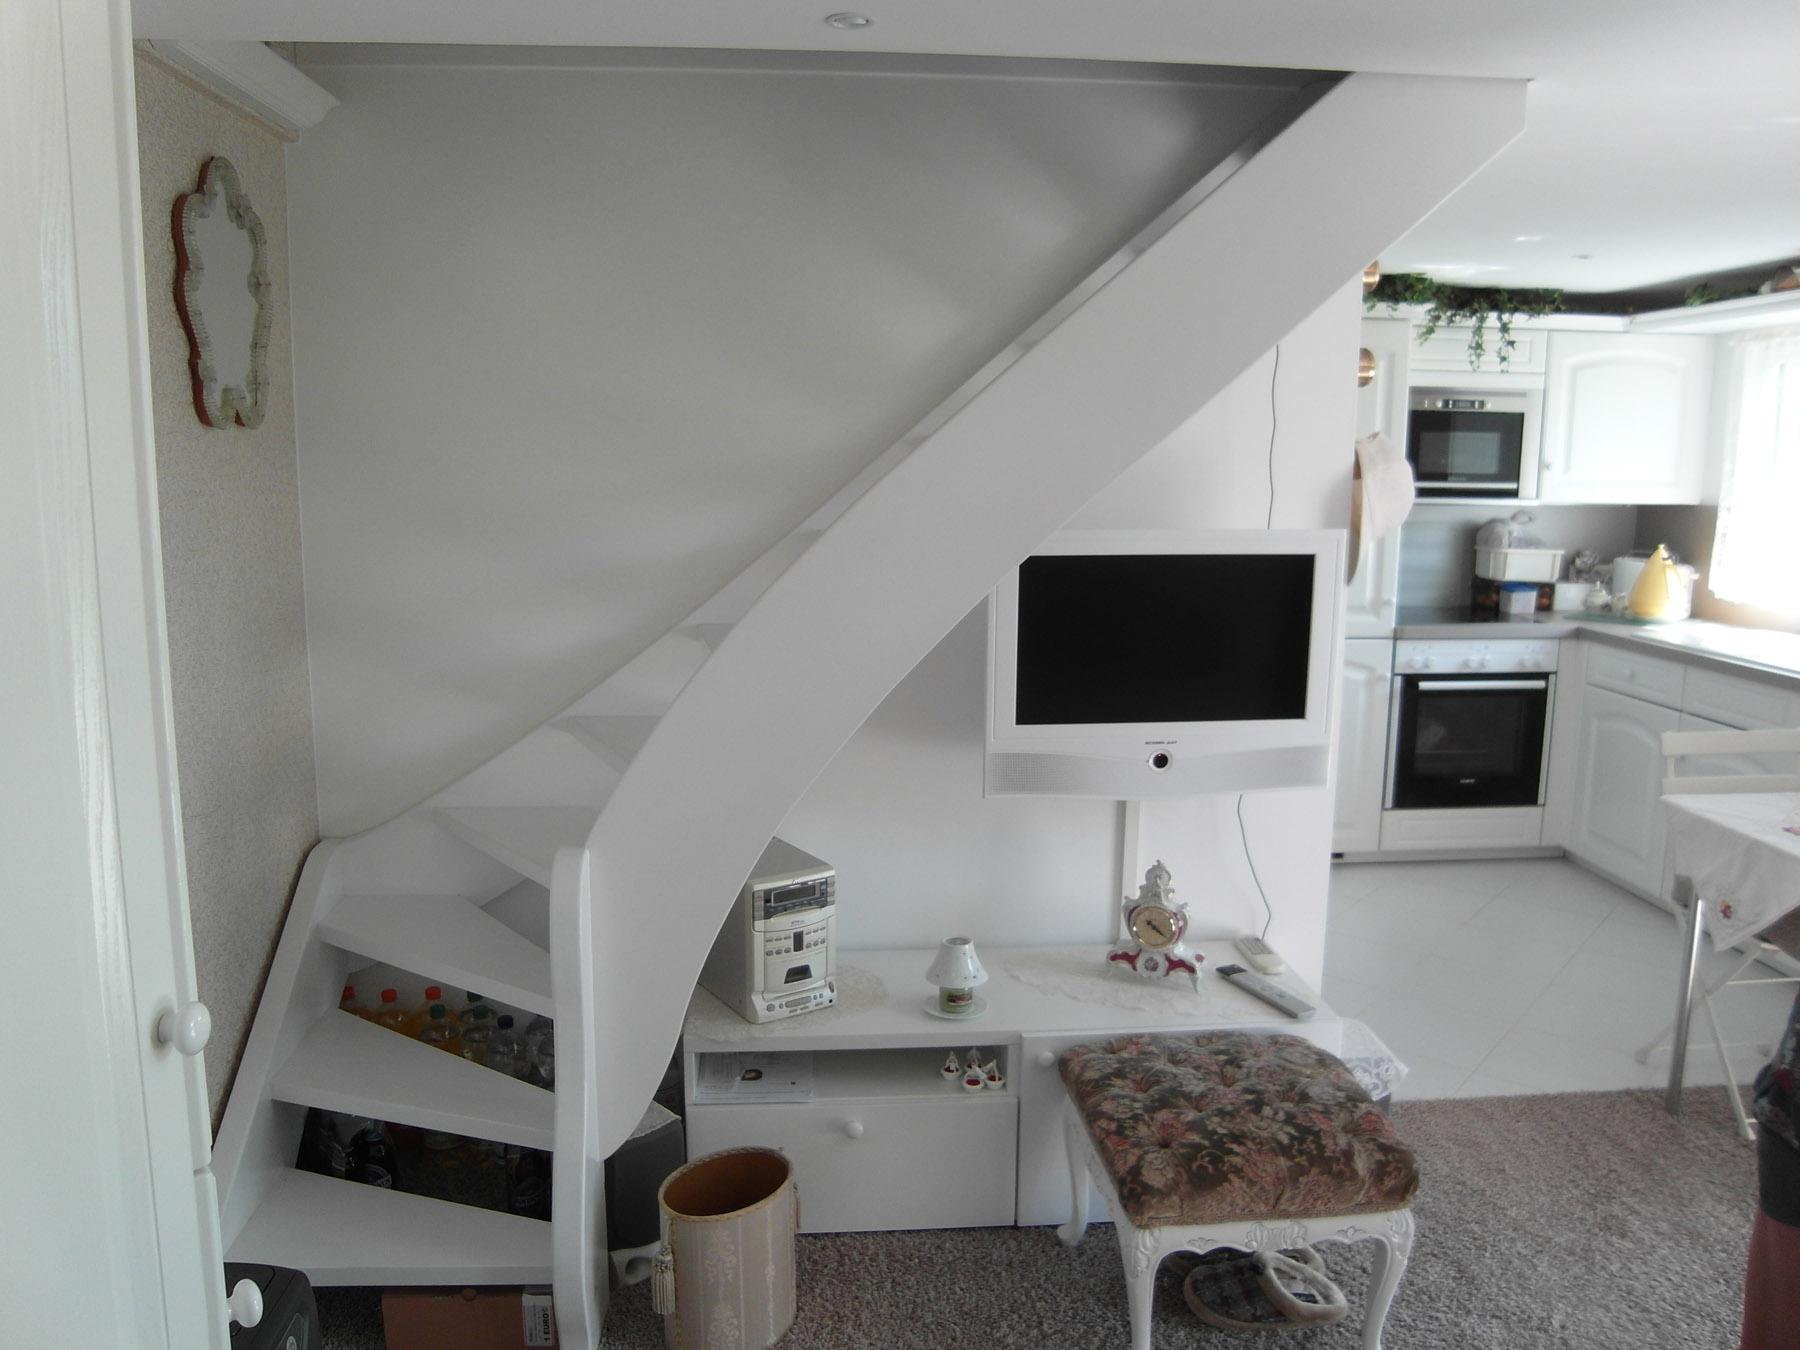 gartenhaus mit schlafboden finest gartenhaus mit alpina. Black Bedroom Furniture Sets. Home Design Ideas